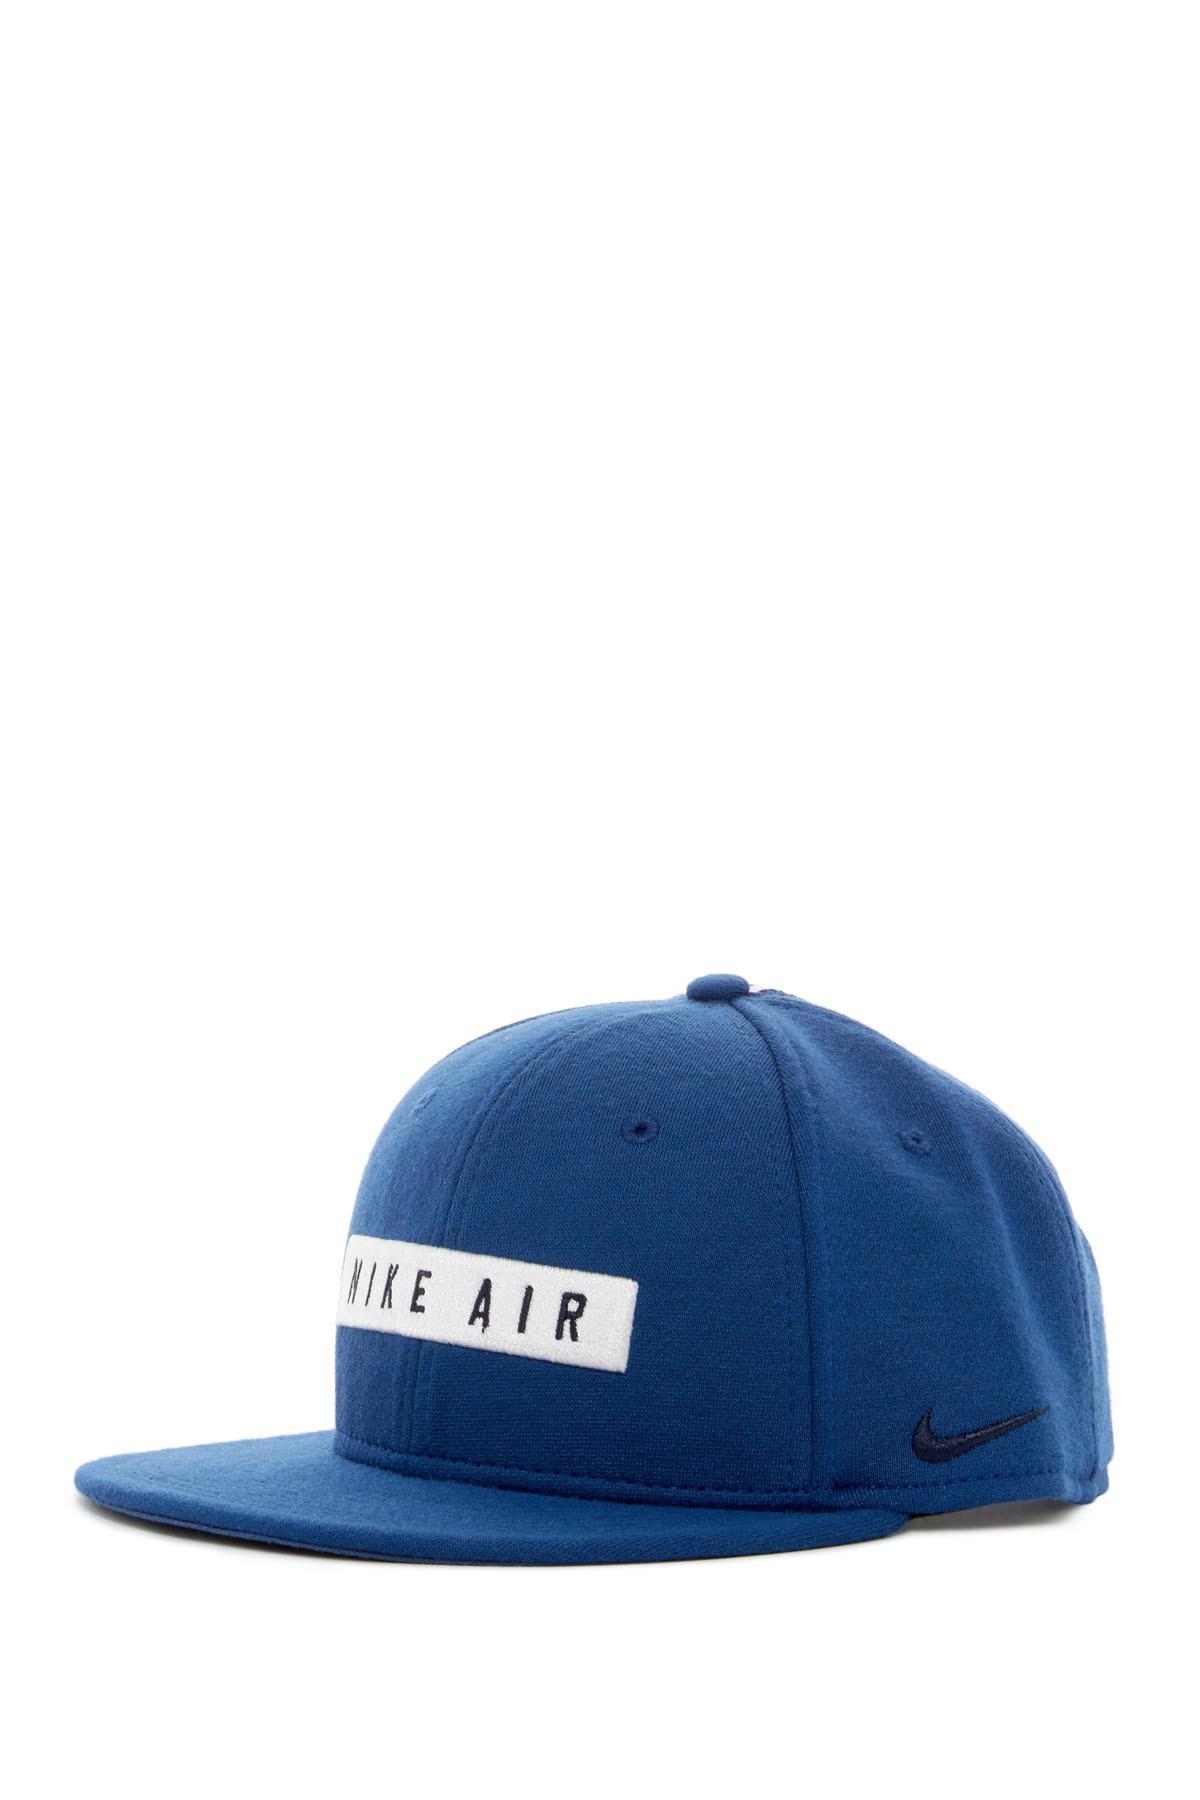 Lyst - Nike Air 92 True Snapback Cap in Blue for Men c167f5e409d4